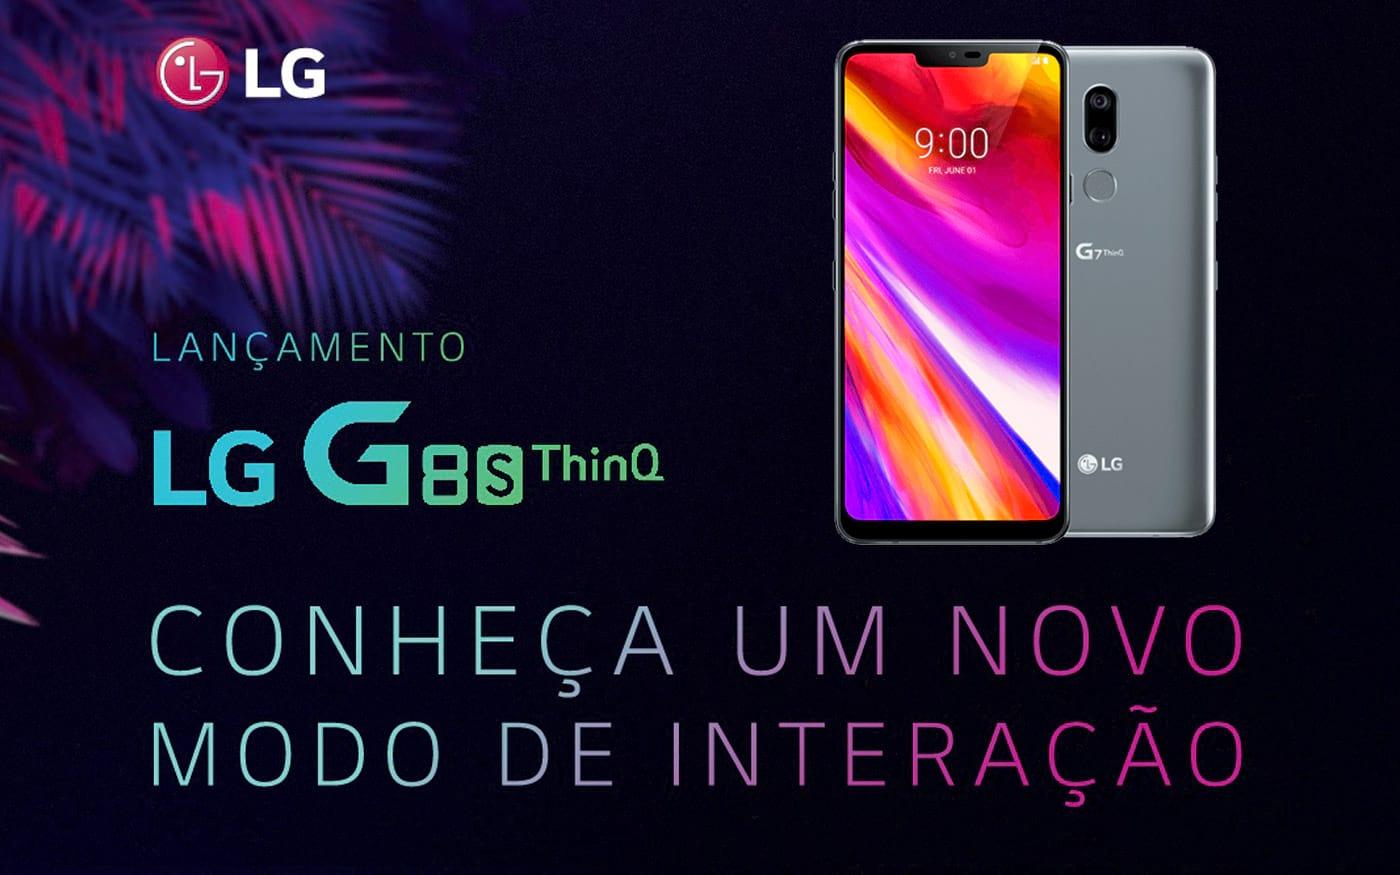 LG vai lançar no dia 24 de julho o LG G8s no Brasil